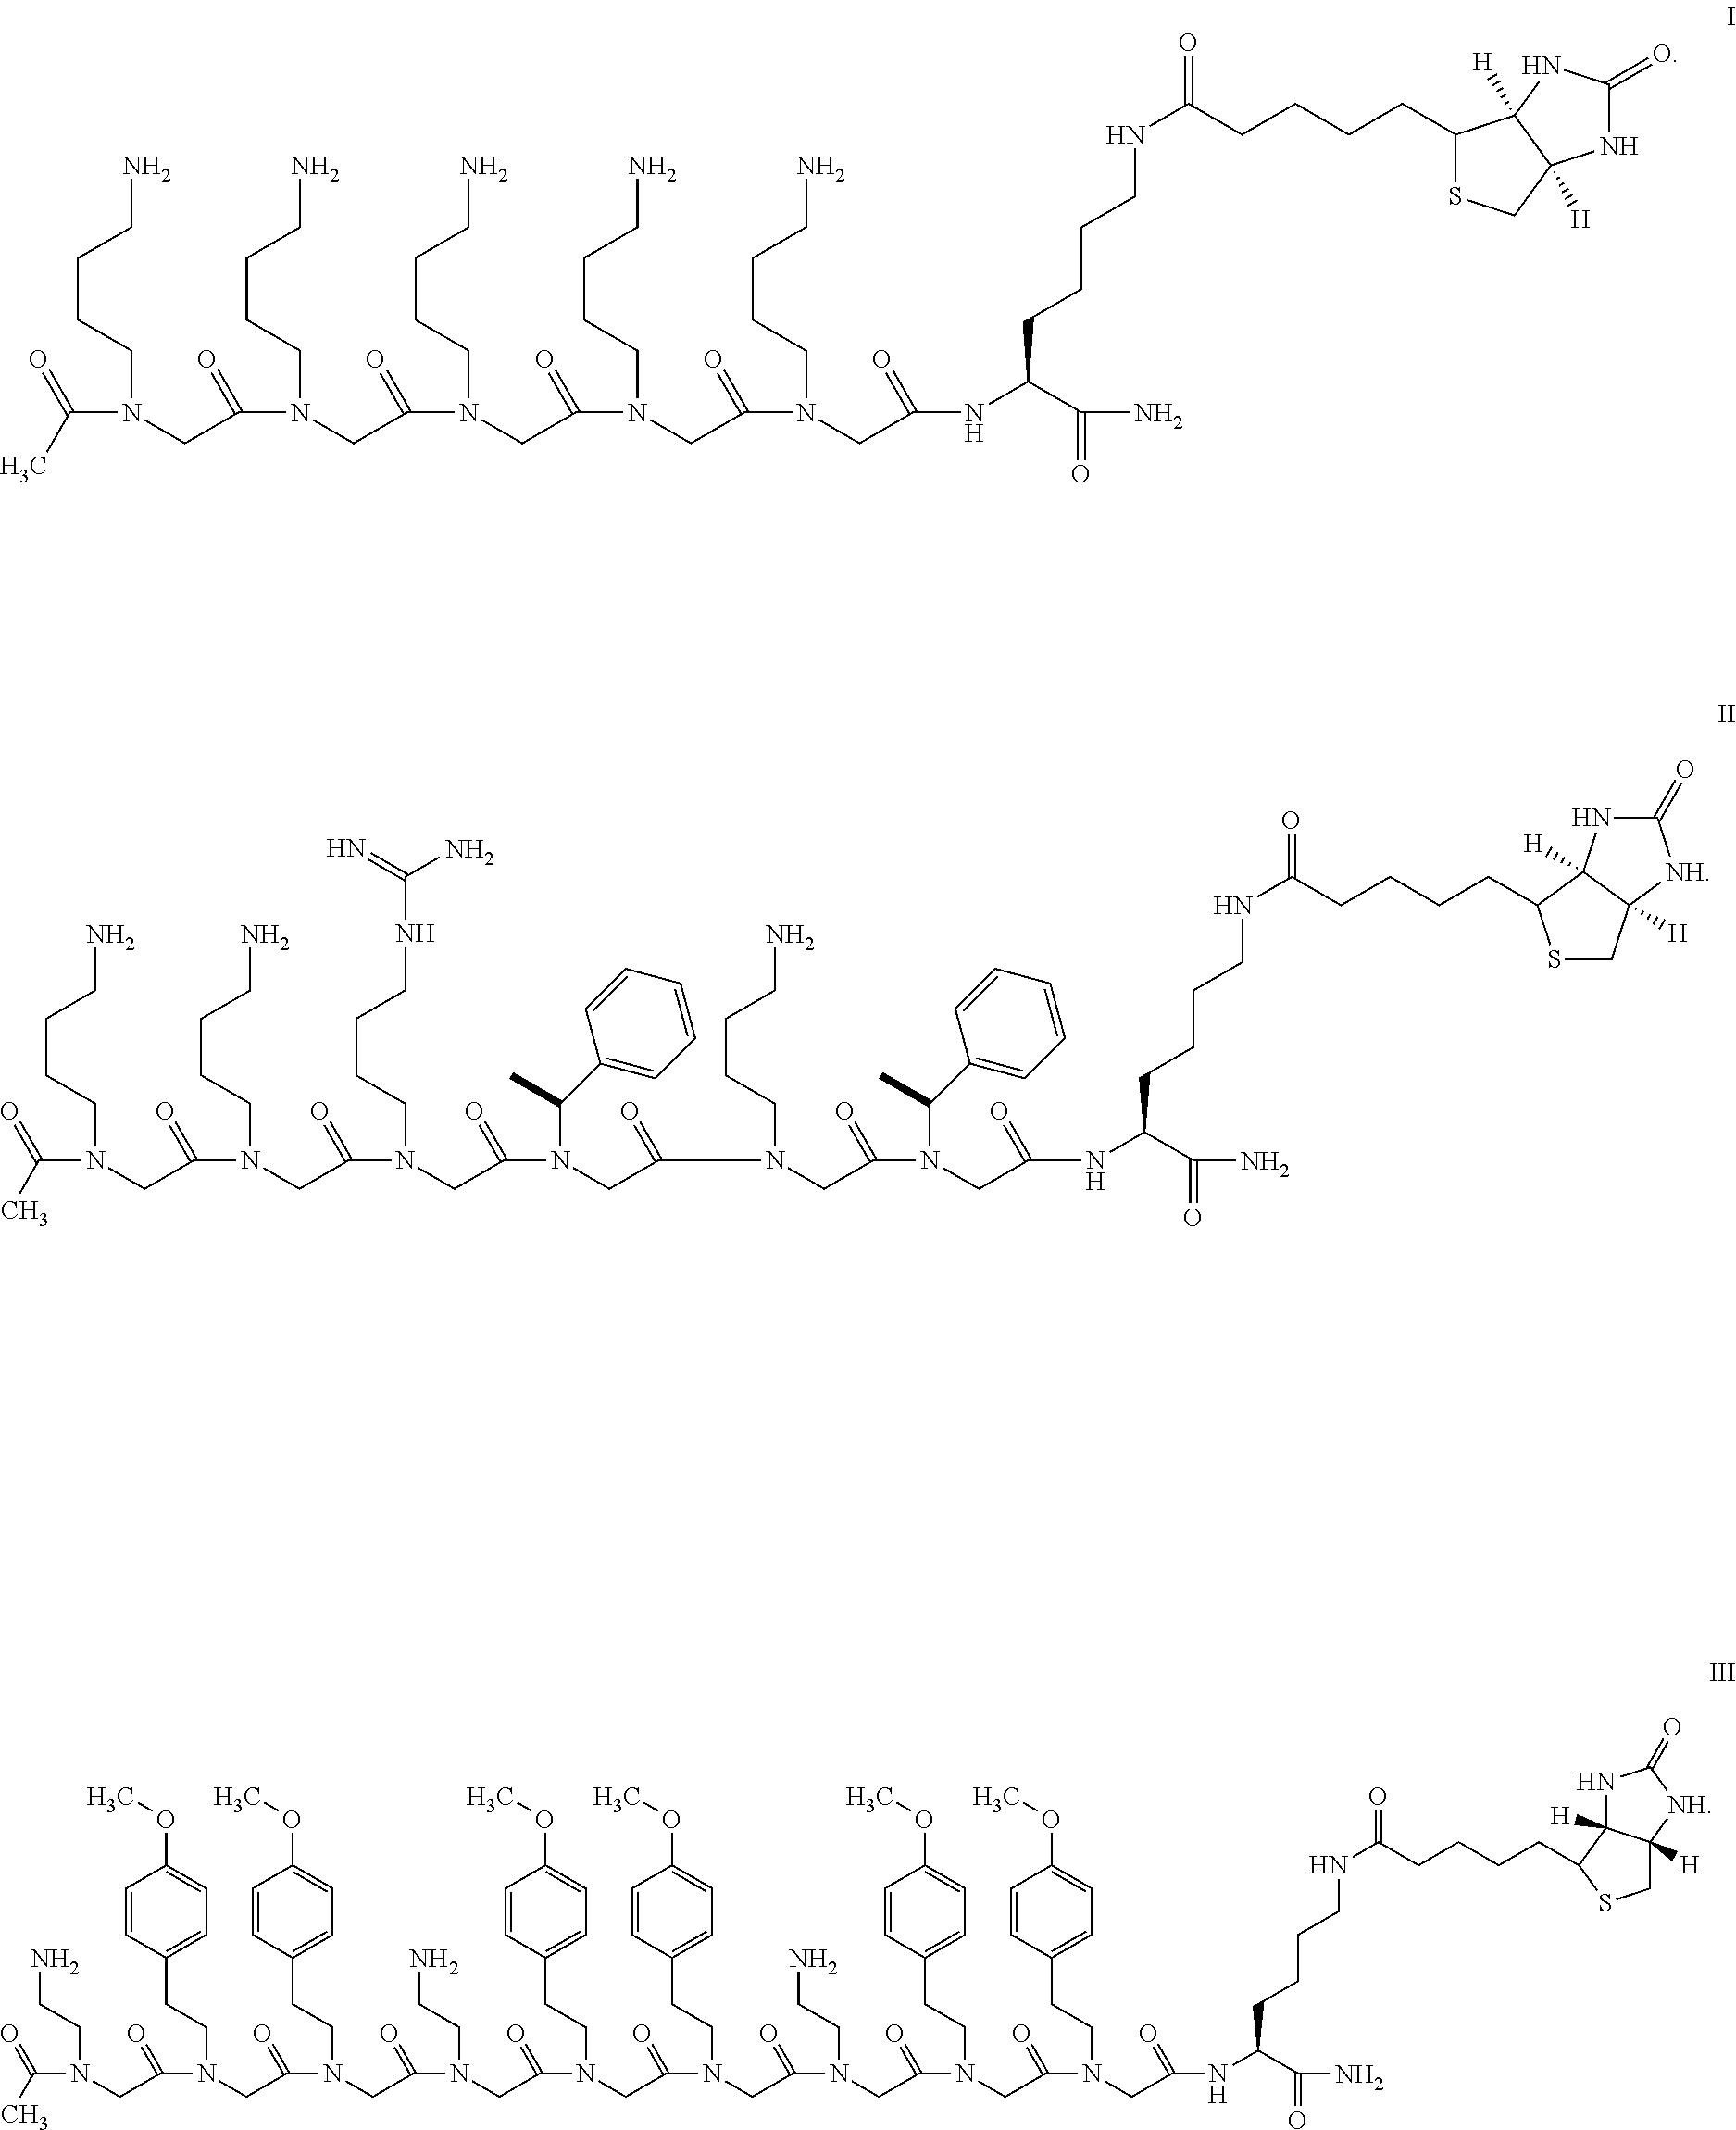 Figure US20110189692A1-20110804-C00032